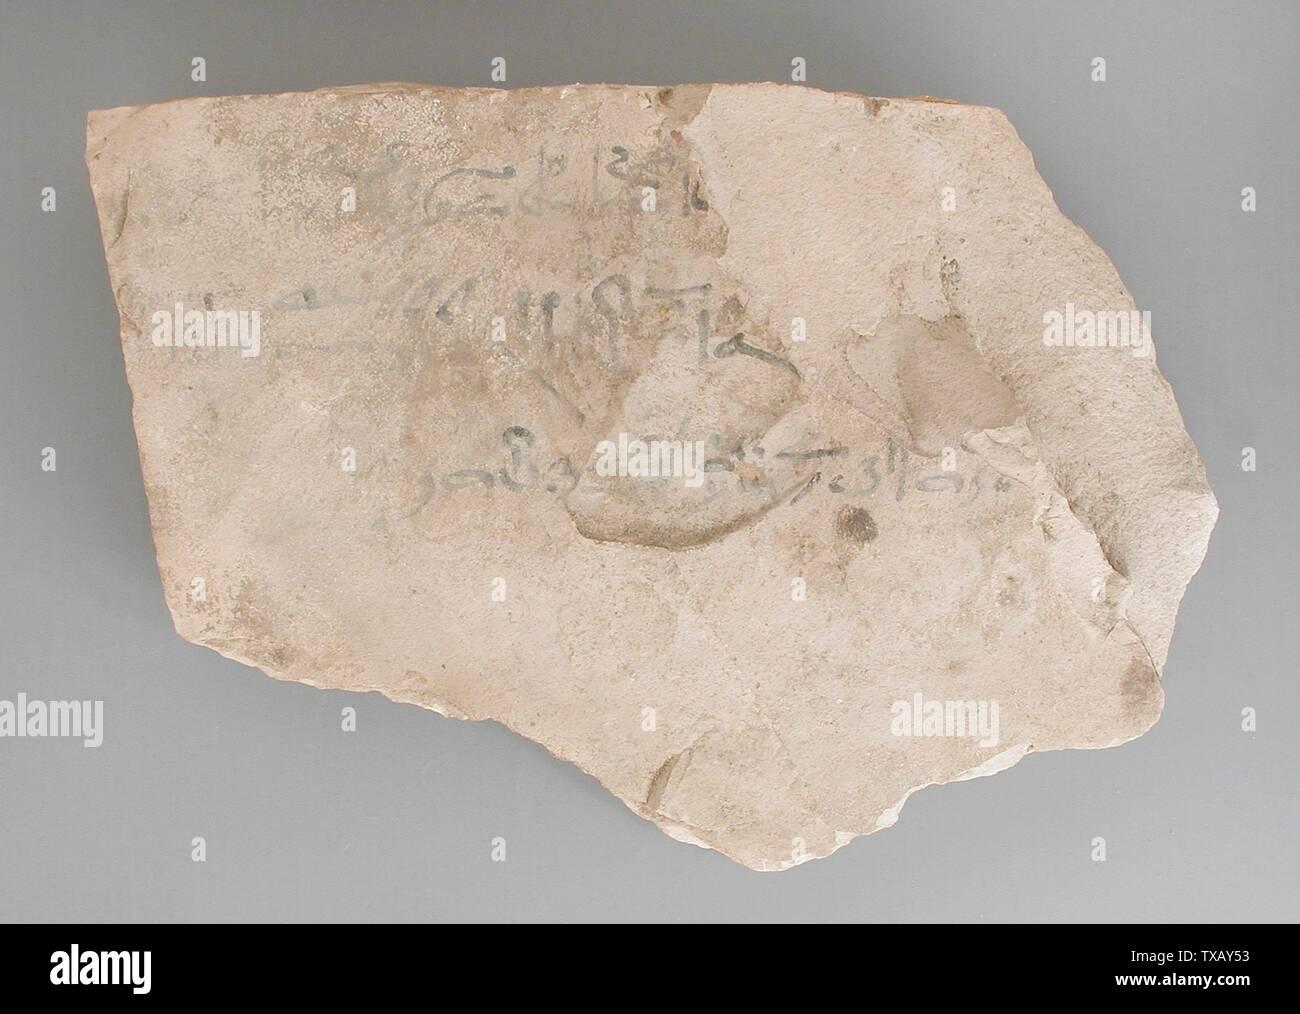 'Ostracon avec partie de l 'enseignement d'Amenemhat'; l'Égypte, Nouvel Empire, 19e et 20e dynastie (1315 - 1081 avant notre ère) Outils et équipement; calcaire ostraka 6 1/8 x 8 1/4 in. (14,5 x 21 cm) Don de Carl W. Thomas (M.80.203.203) L'art égyptien; 19e et 20e dynastie (1315 - 1081 avant notre ère); ' Photo Stock